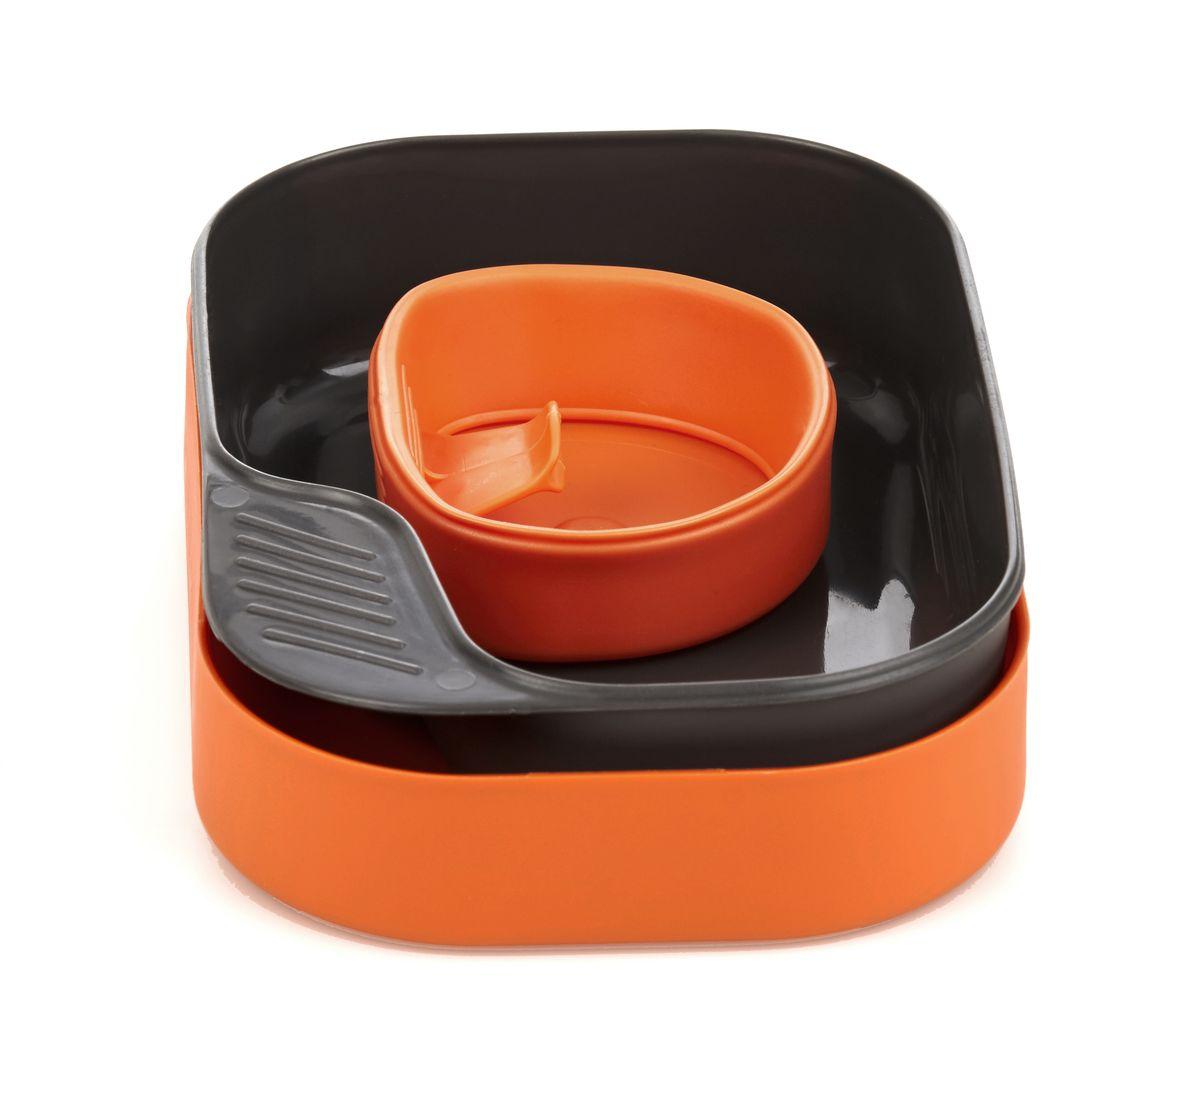 Набор походной посуды Wildo Camp-a-Box Basic, портативный, цвет: оранжевый, 3 предмета67742Проверенный в шведских условиях на протяжении десятилетий - это оригинальный, портативный набор Wildo Camp-a-Box Basic, которому можно доверять. Он отвечает всем вашим потребностям.Компактный набор c практичным дизайном Wildo Camp-a-Box Basic прекрасно подойдет, если вы просто хотите упаковать бутерброды в контейнер и выпить чашку любимого напитка.В набор входит: - средняя тарелка (она же нижняя часть контейнера);- большая тарелка (она же верхняя часть контейнера - крышка);- кружка Fold-A-Cup.Не содержит бисфенол.